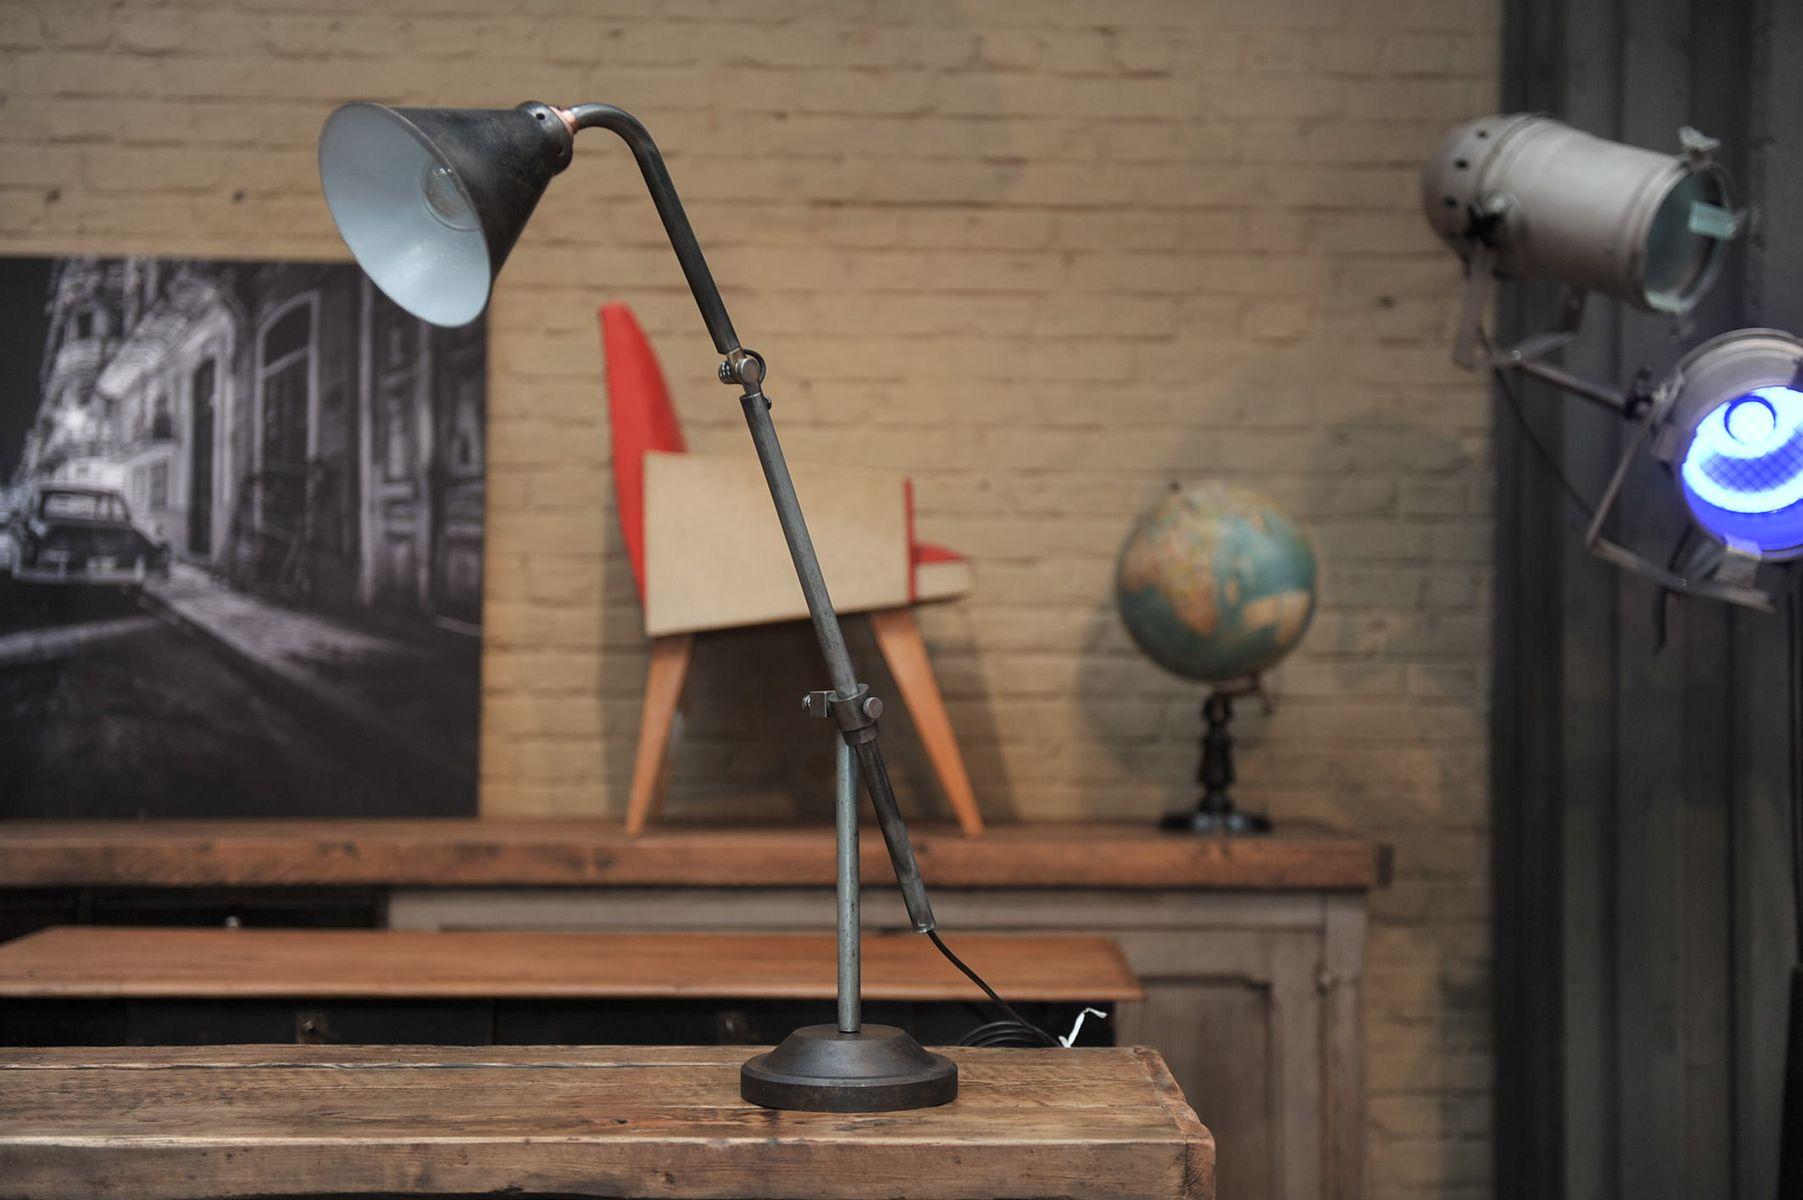 lampe de bureau articul e industrielle france 1930s en vente sur pamono. Black Bedroom Furniture Sets. Home Design Ideas